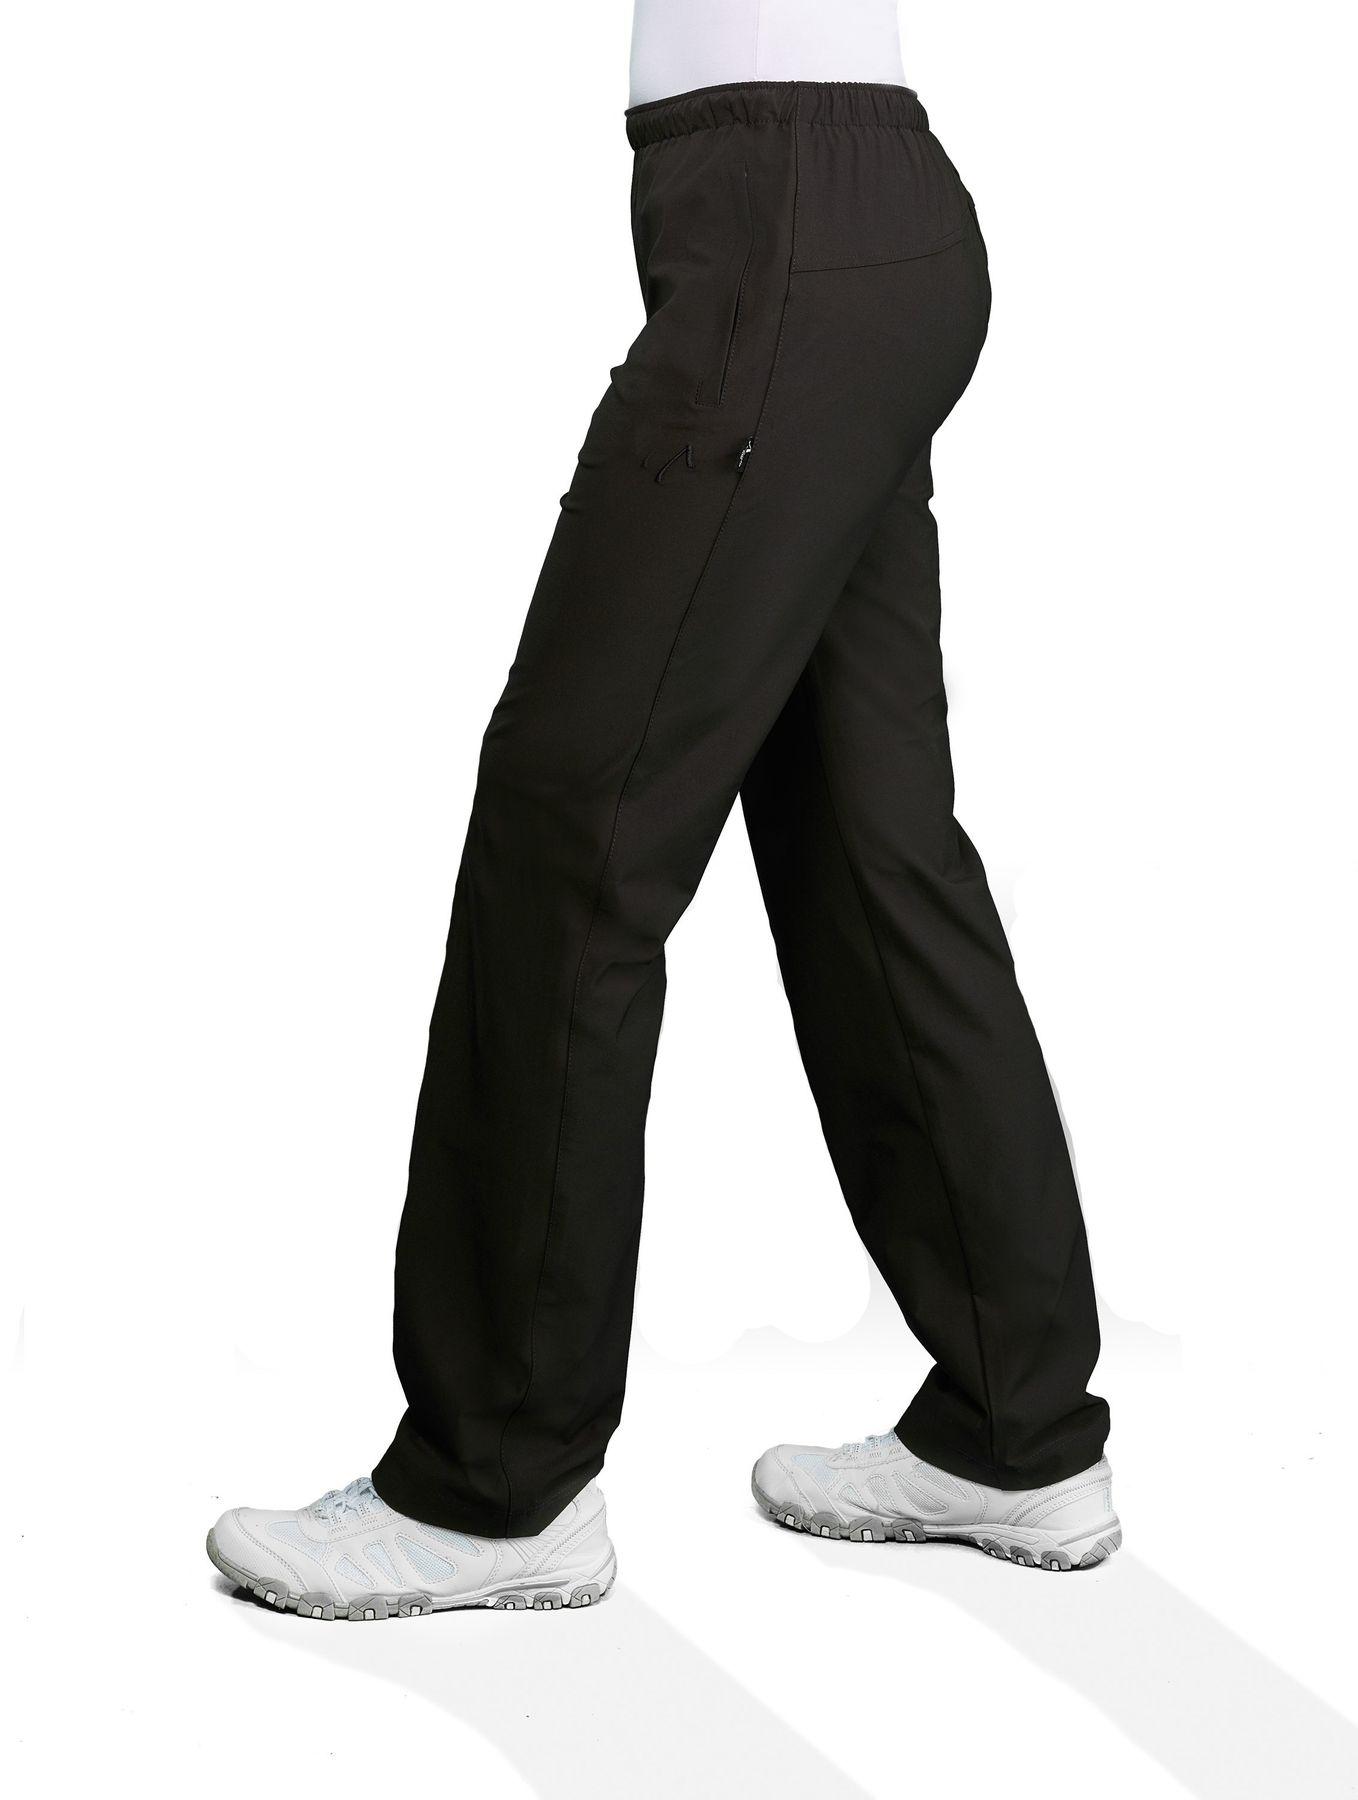 Authentic klein - Damen Sport und Freizeit Hose aus Stretchgewebe in Schwarz (03001)